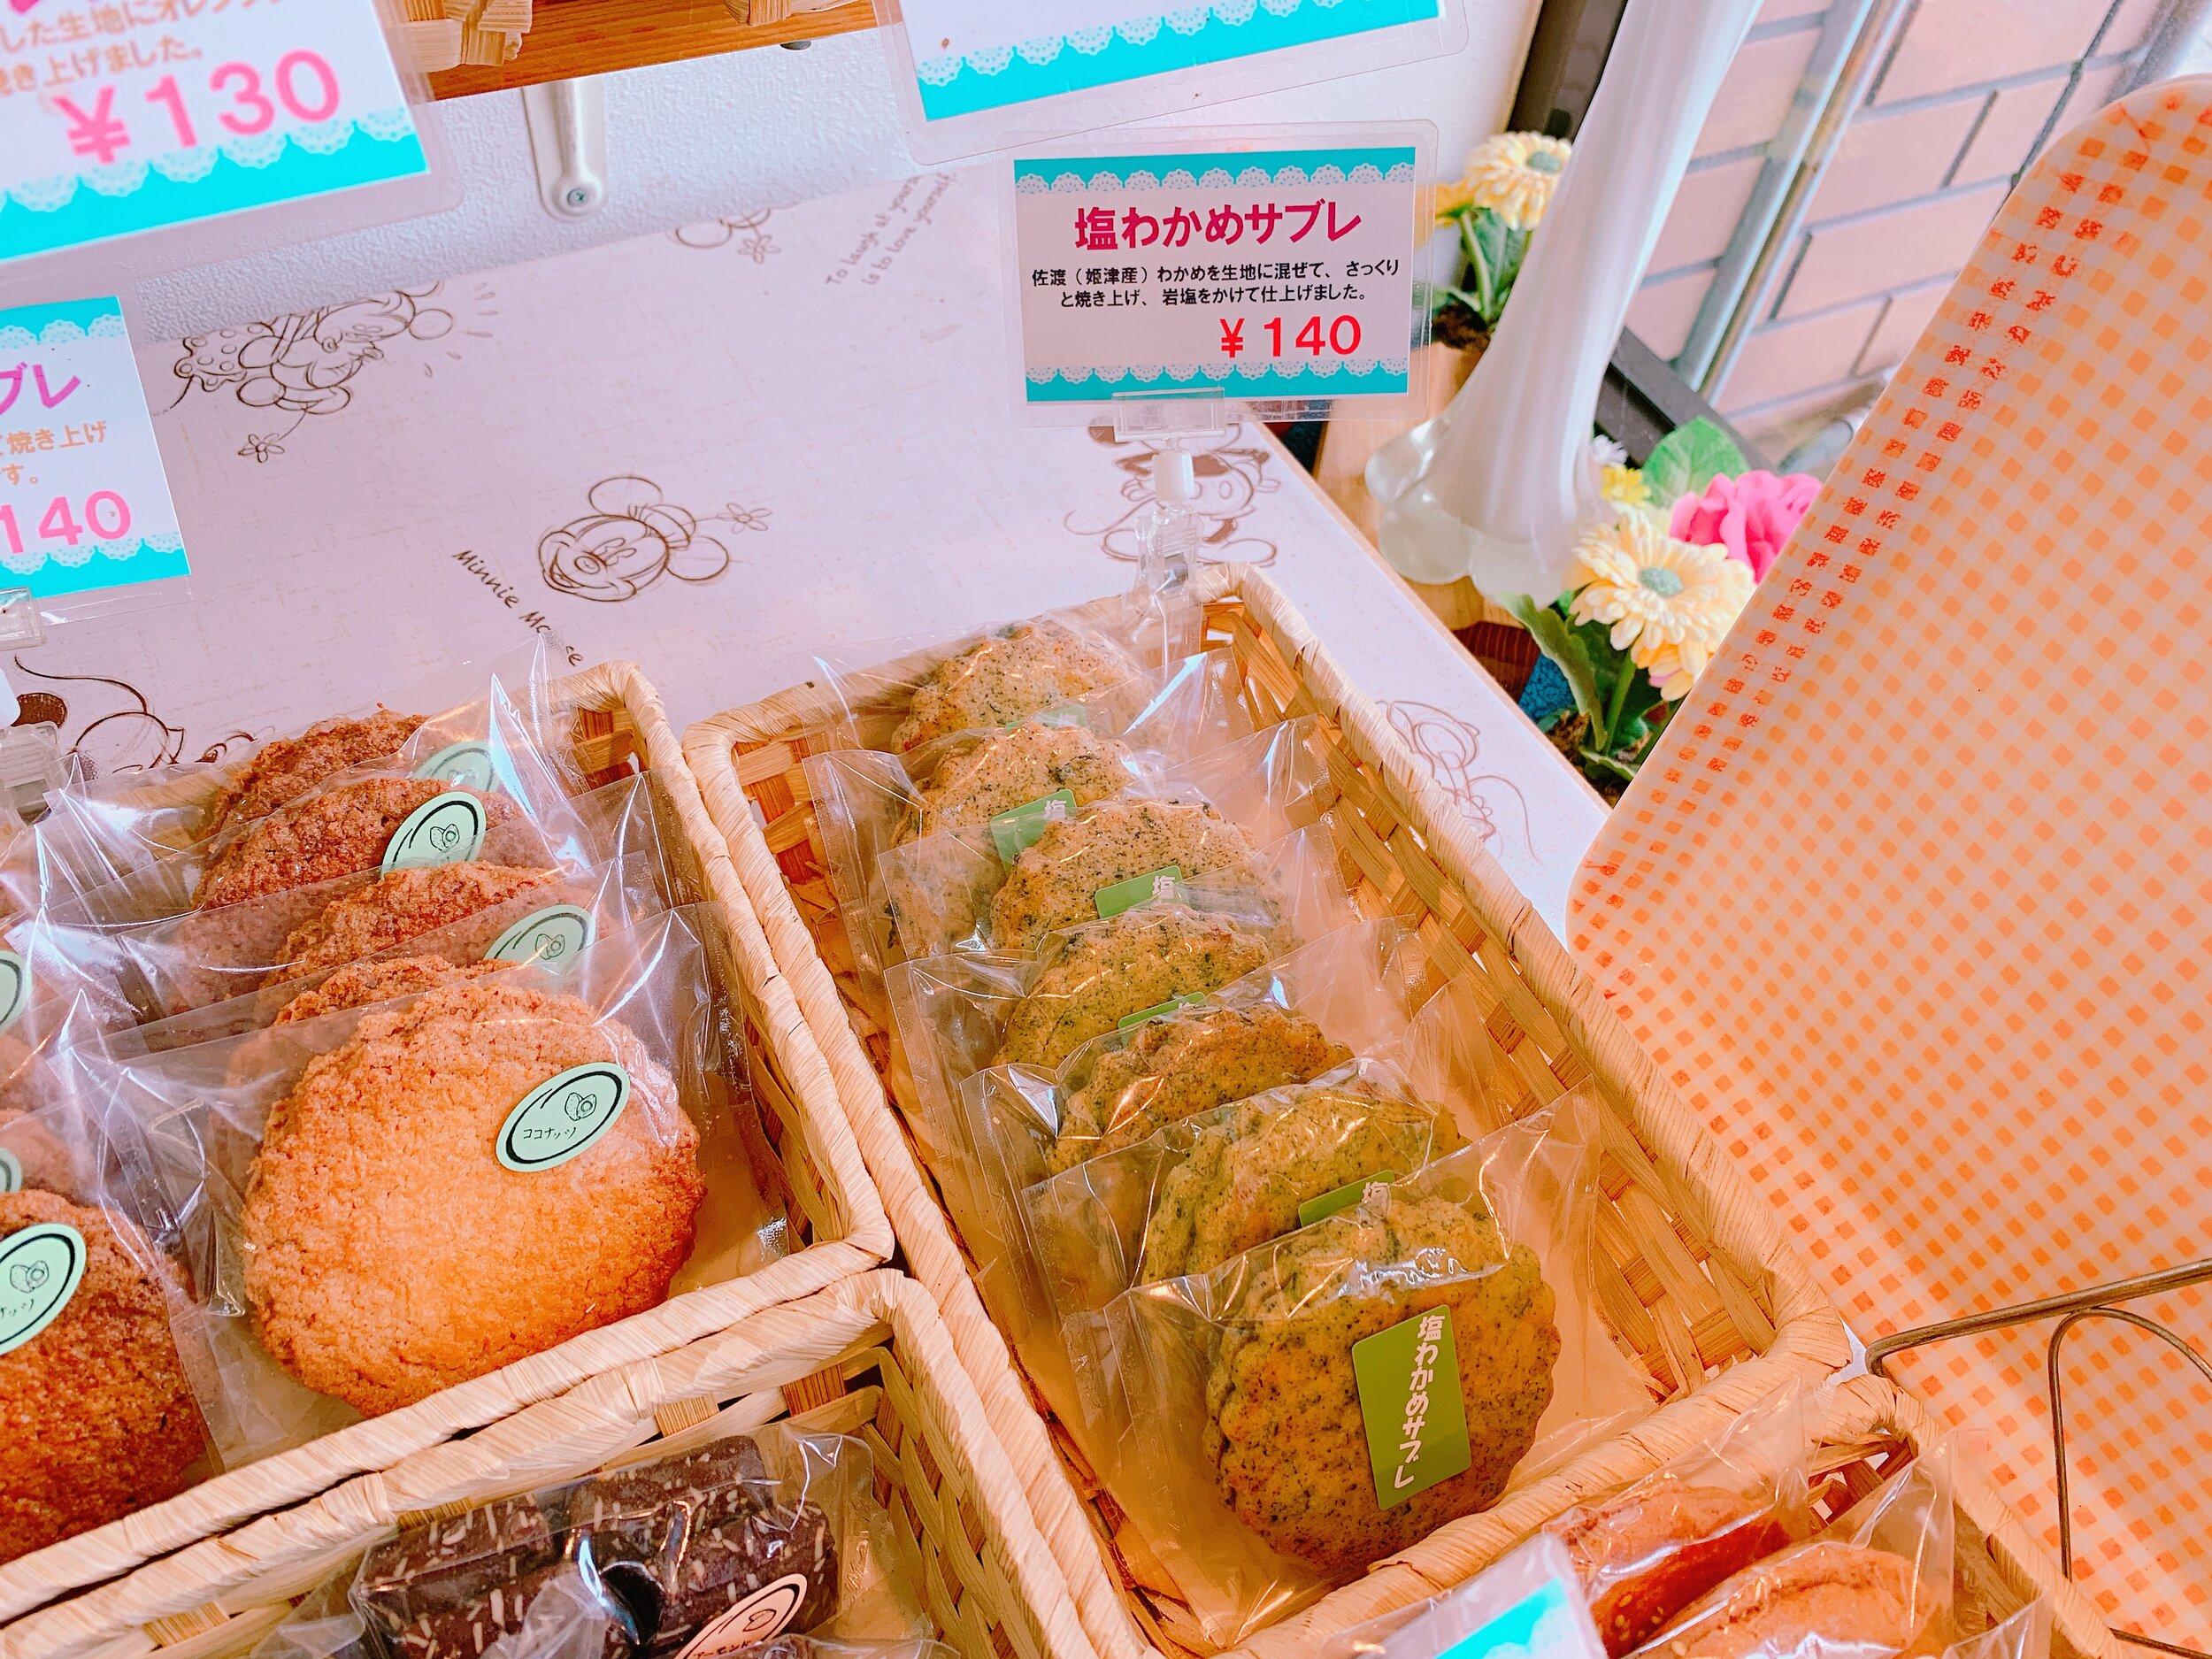 塩わかめサブレ(140円)